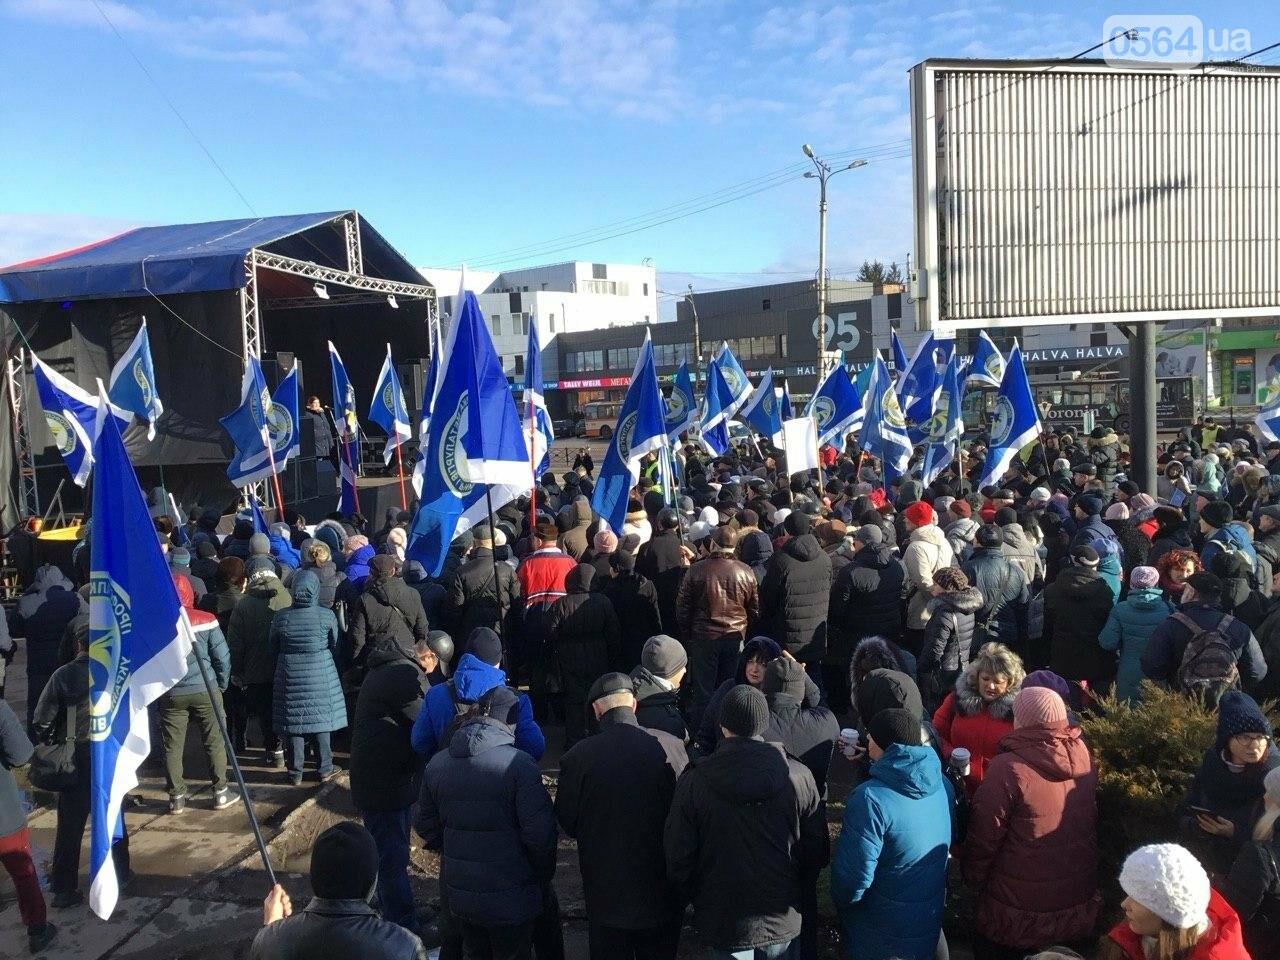 В Кривом Роге протестуют против принятия Радой нового трудового законодательства, - ФОТО, ВИДЕО, фото-11